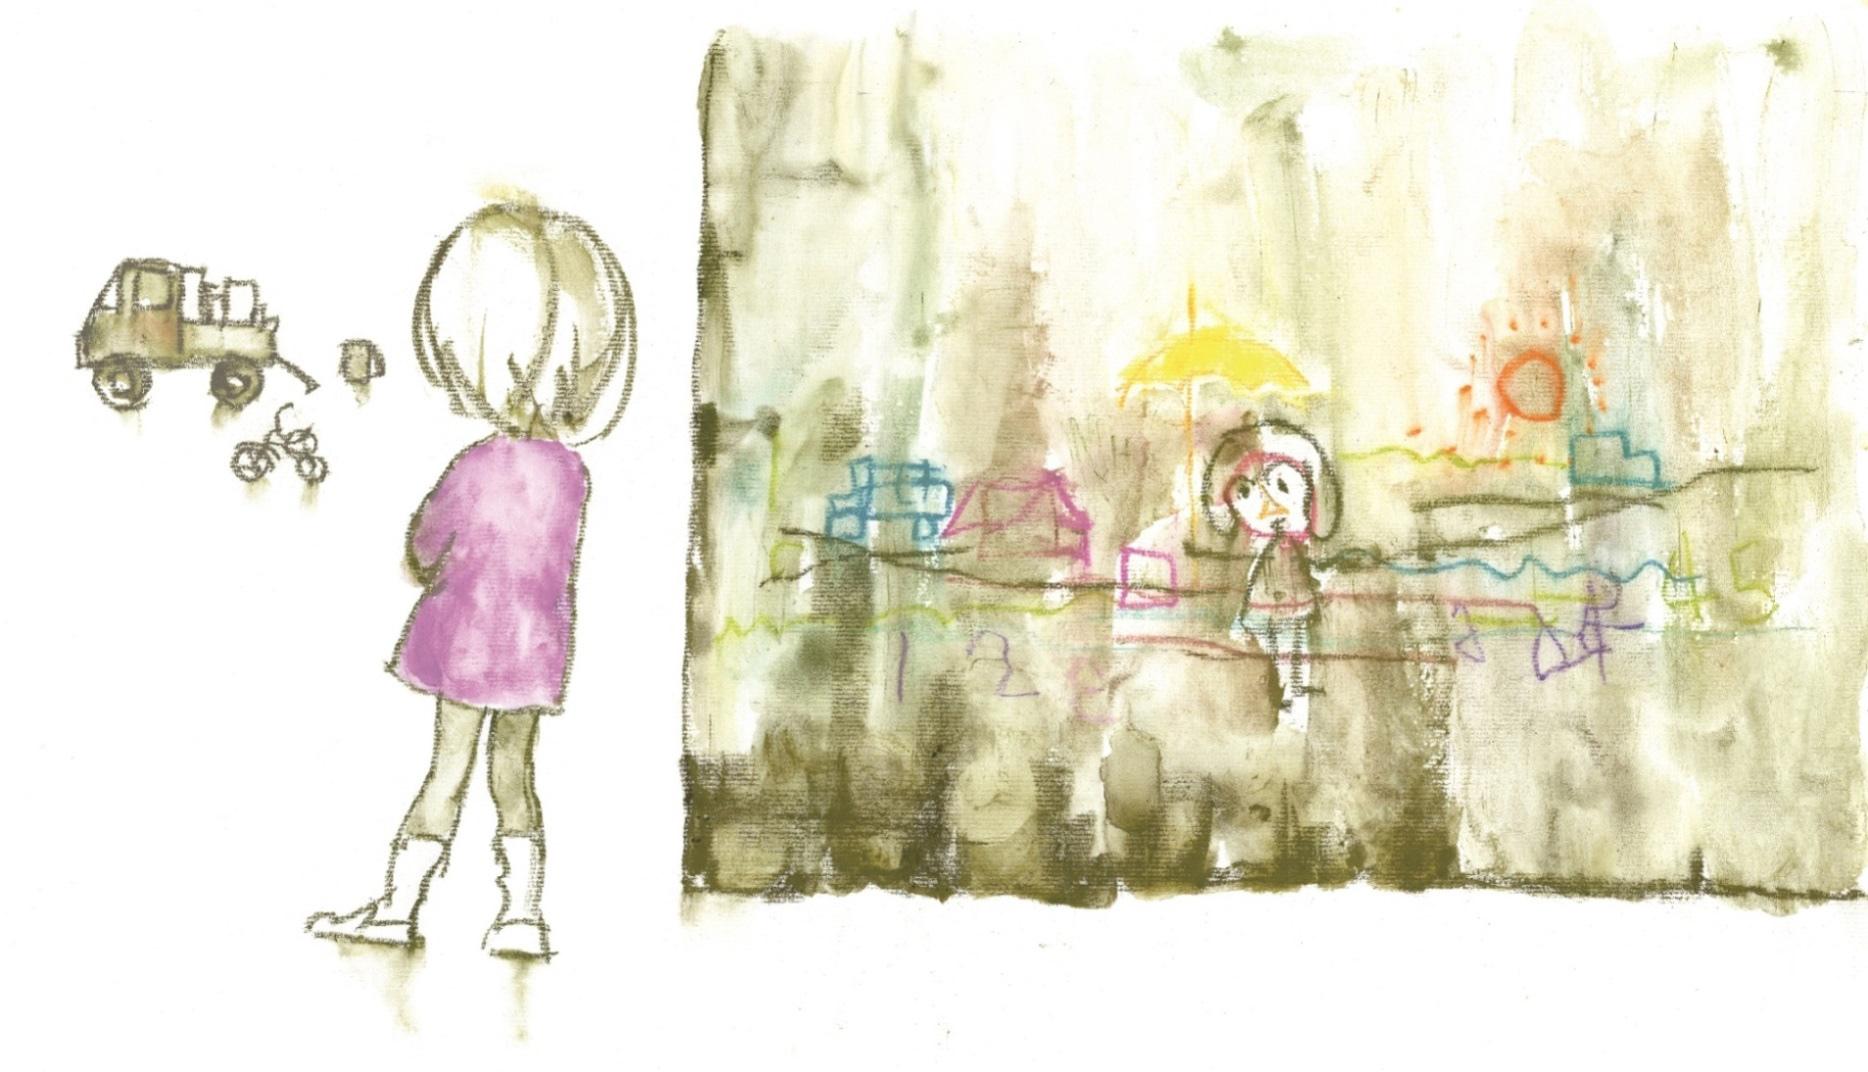 引越しのトラックを見つめる少女『となりにきたこ』(至光社)より 1970年 ちひろ美術館蔵